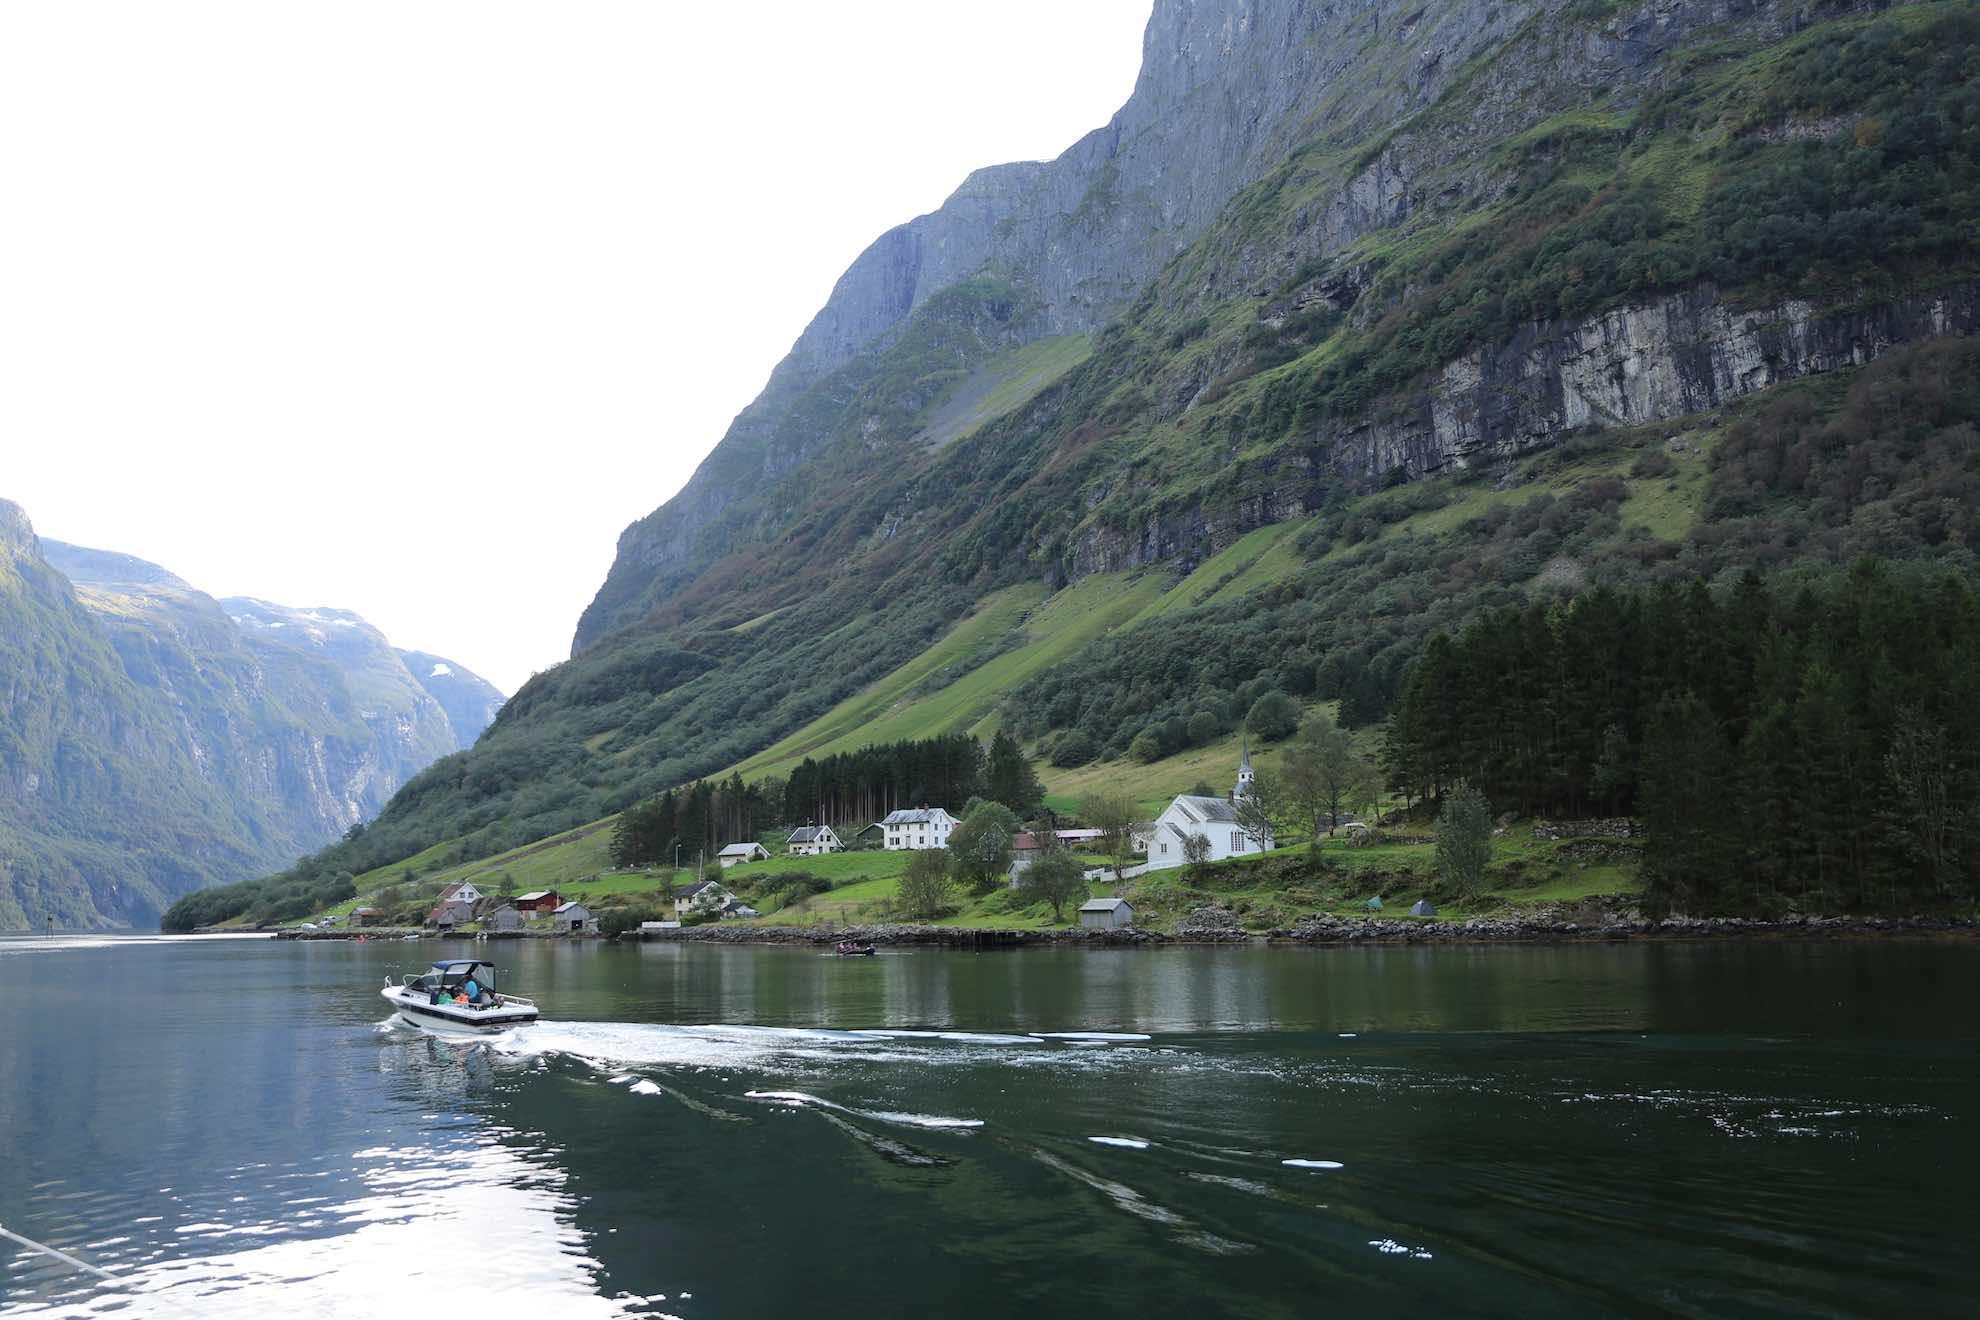 Einige der Fjorde sind miteinander verbunden, sodass manchmal Rundtörns möglich sind.